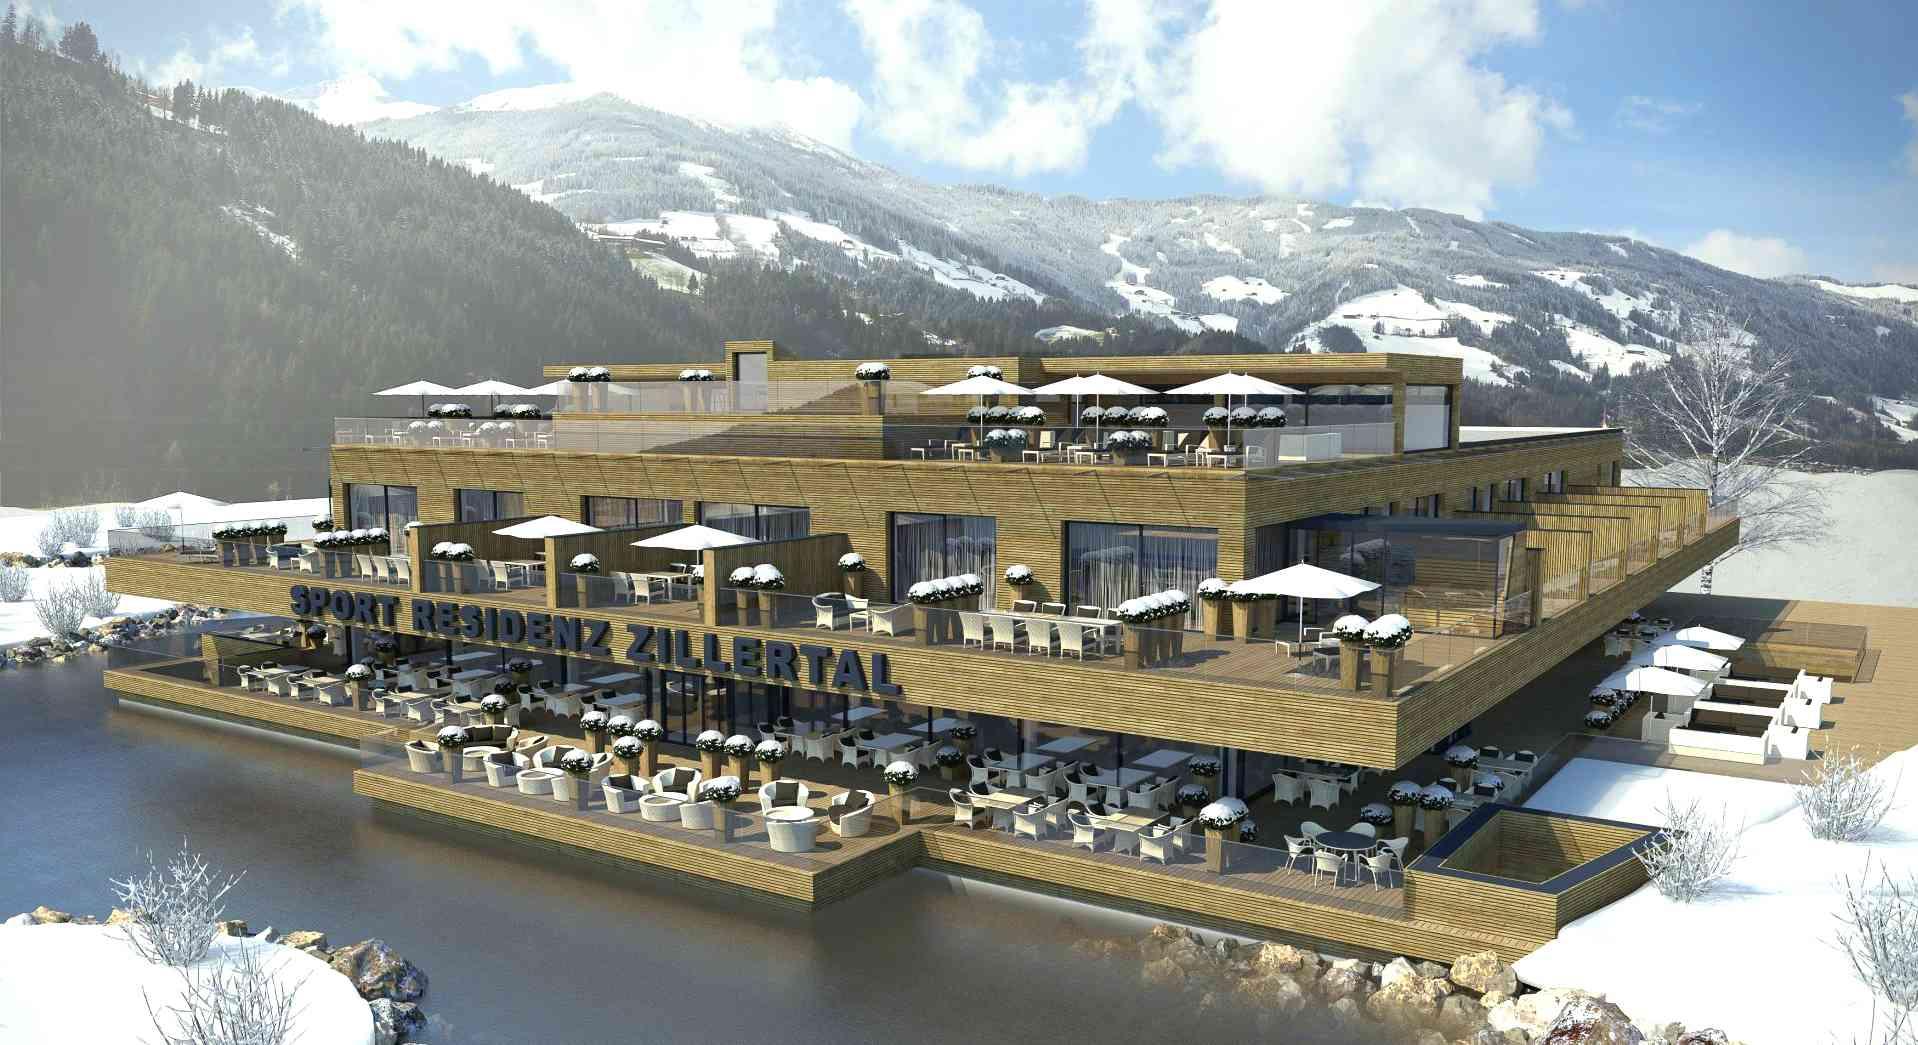 Die neue Sport Residenz Zillertal